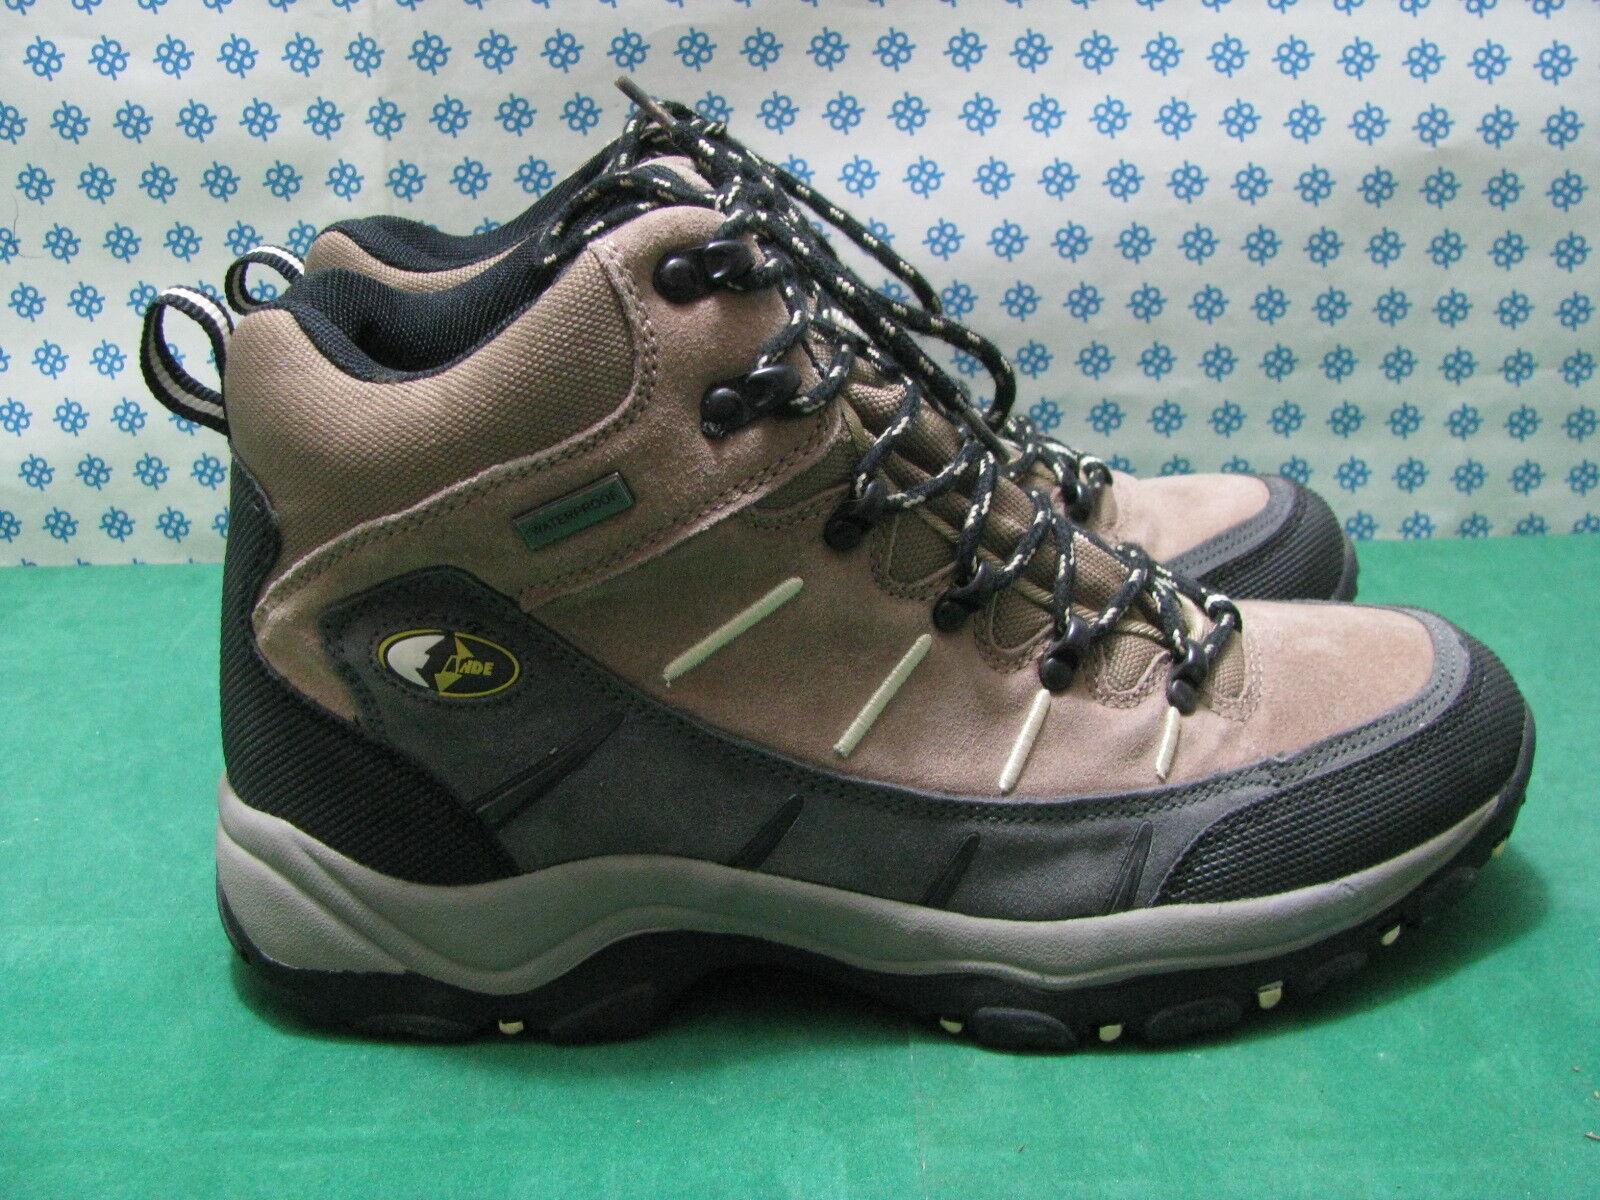 Stiefel Staubtücher , robuste , Waterproof Nr 45 - ANDE